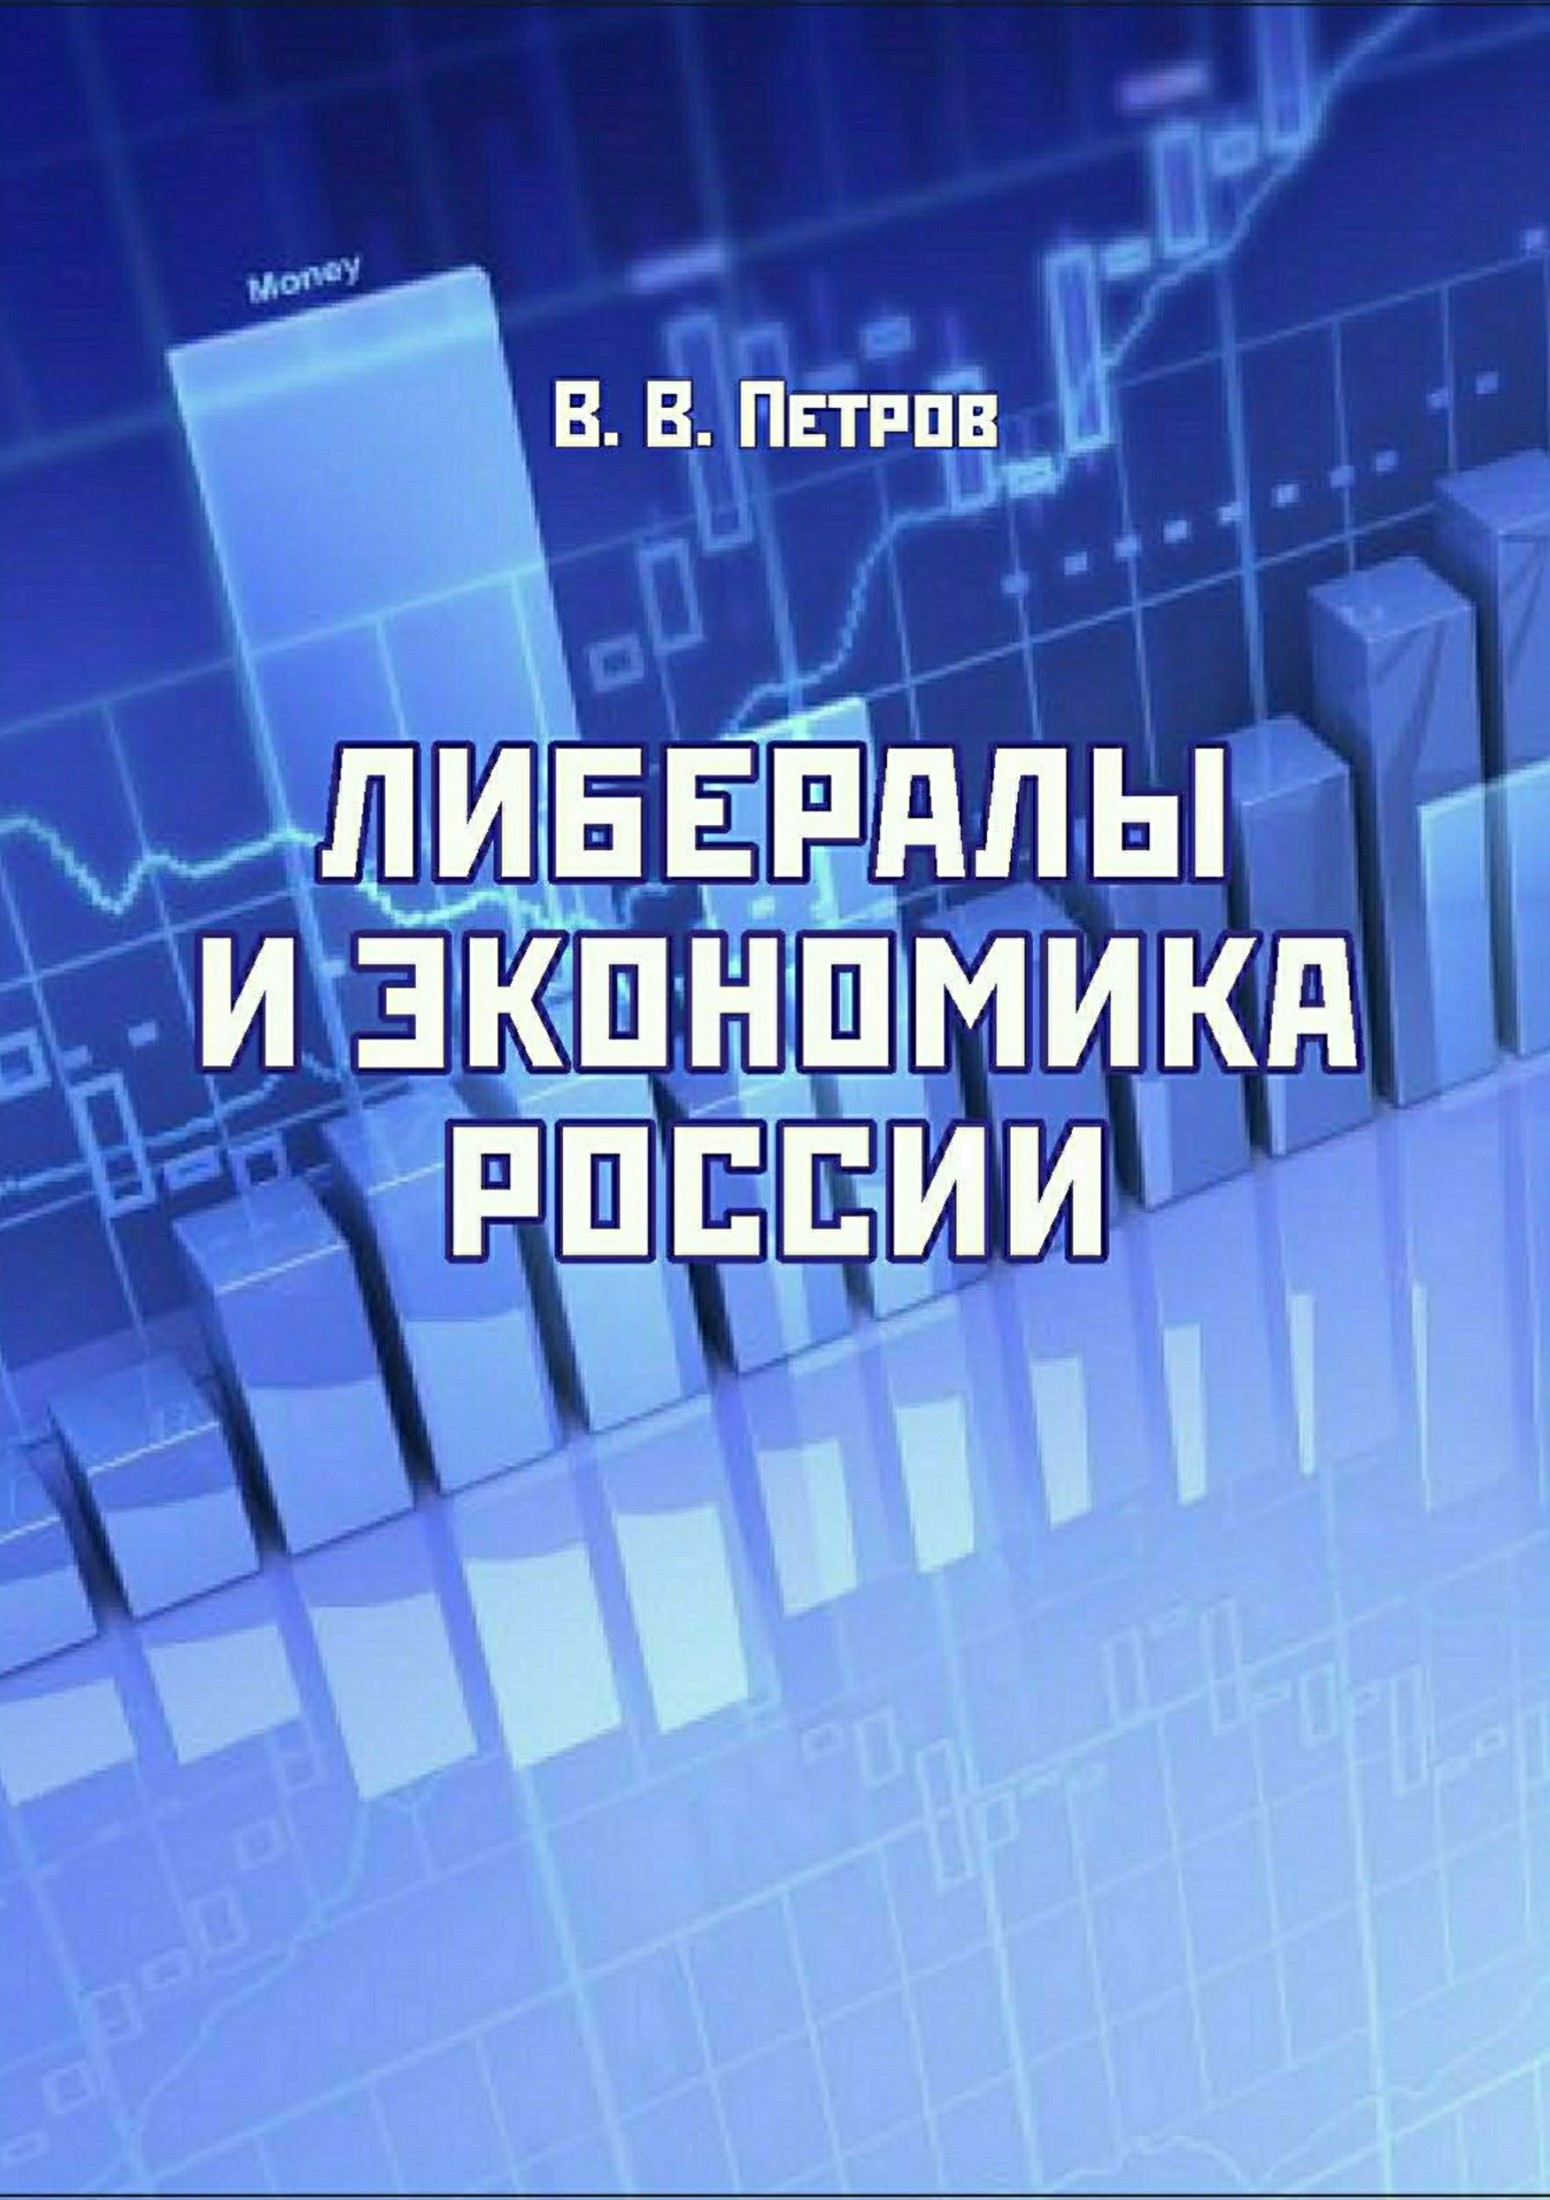 фото обложки издания Либералы и экономика России